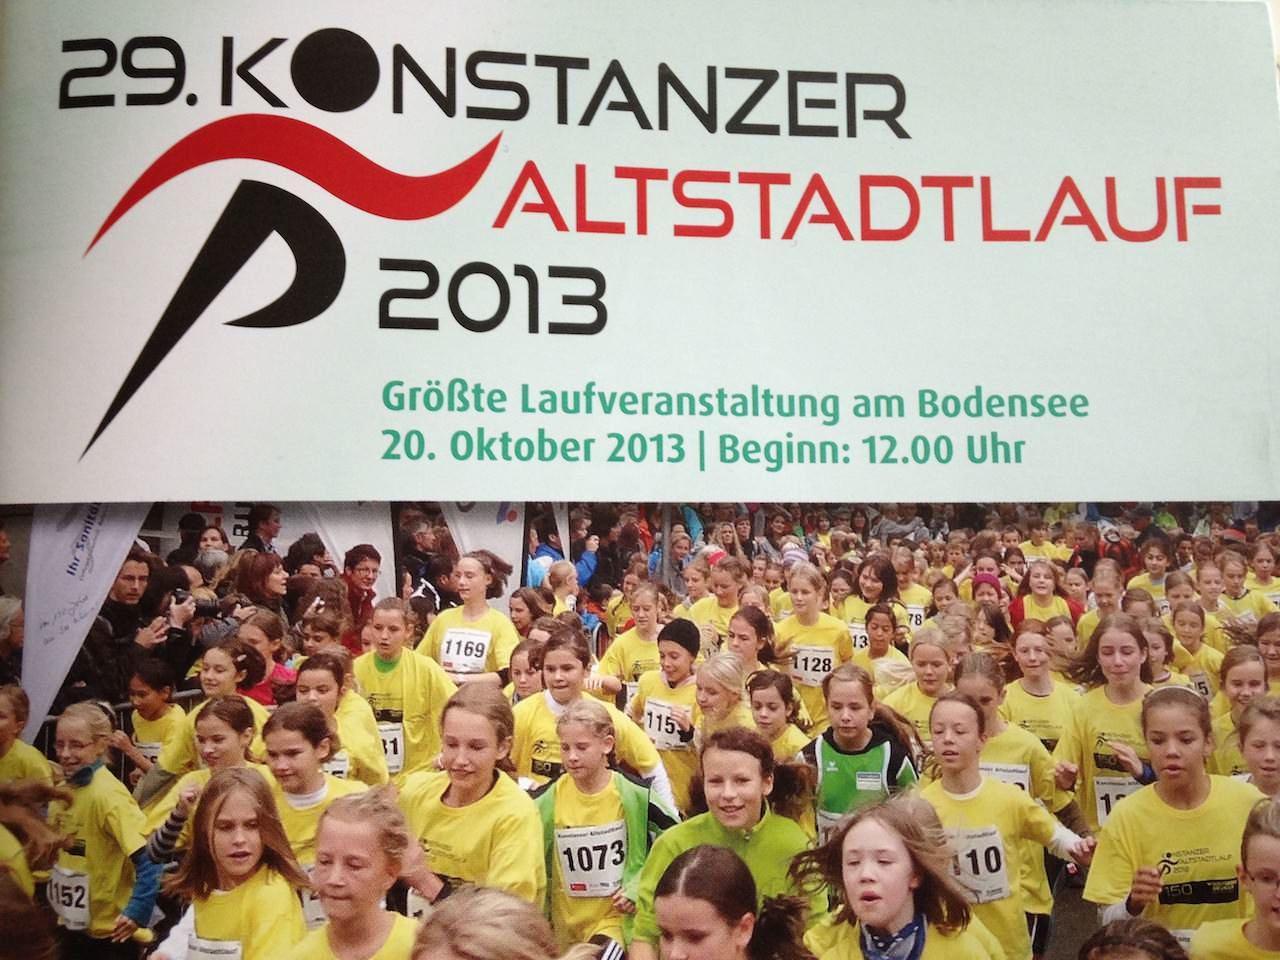 konstanzer-altstadtlauf-2013